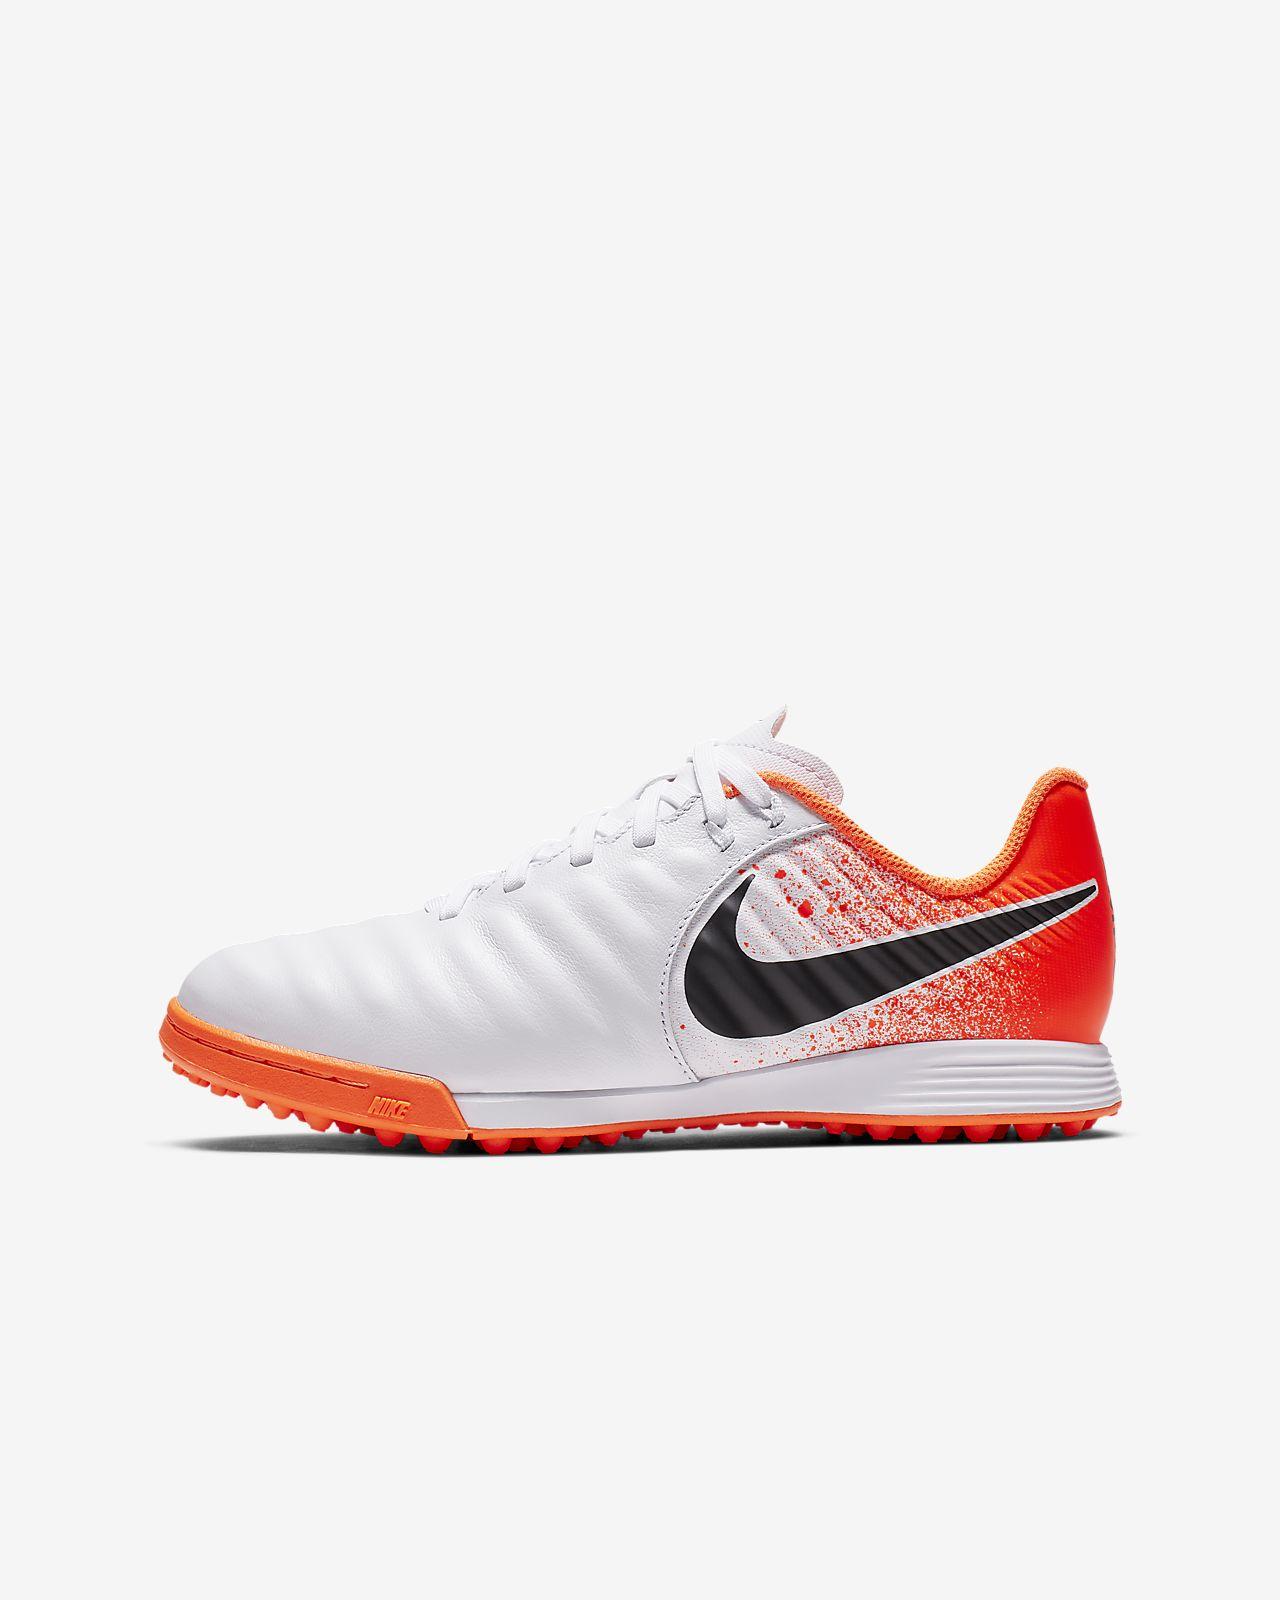 bf3ad639e ... Nike Jr. Tiempo Legend VII Academy TF Botas de fútbol para moqueta -  Turf -